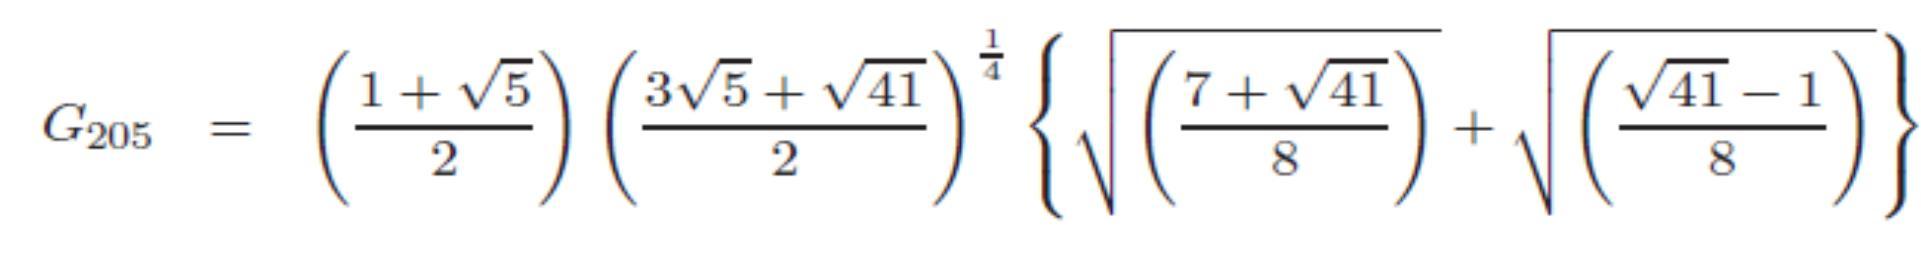 La matematica di Ramanujan e la sua applicazione alla Fisica ed alla Cosmologia 3